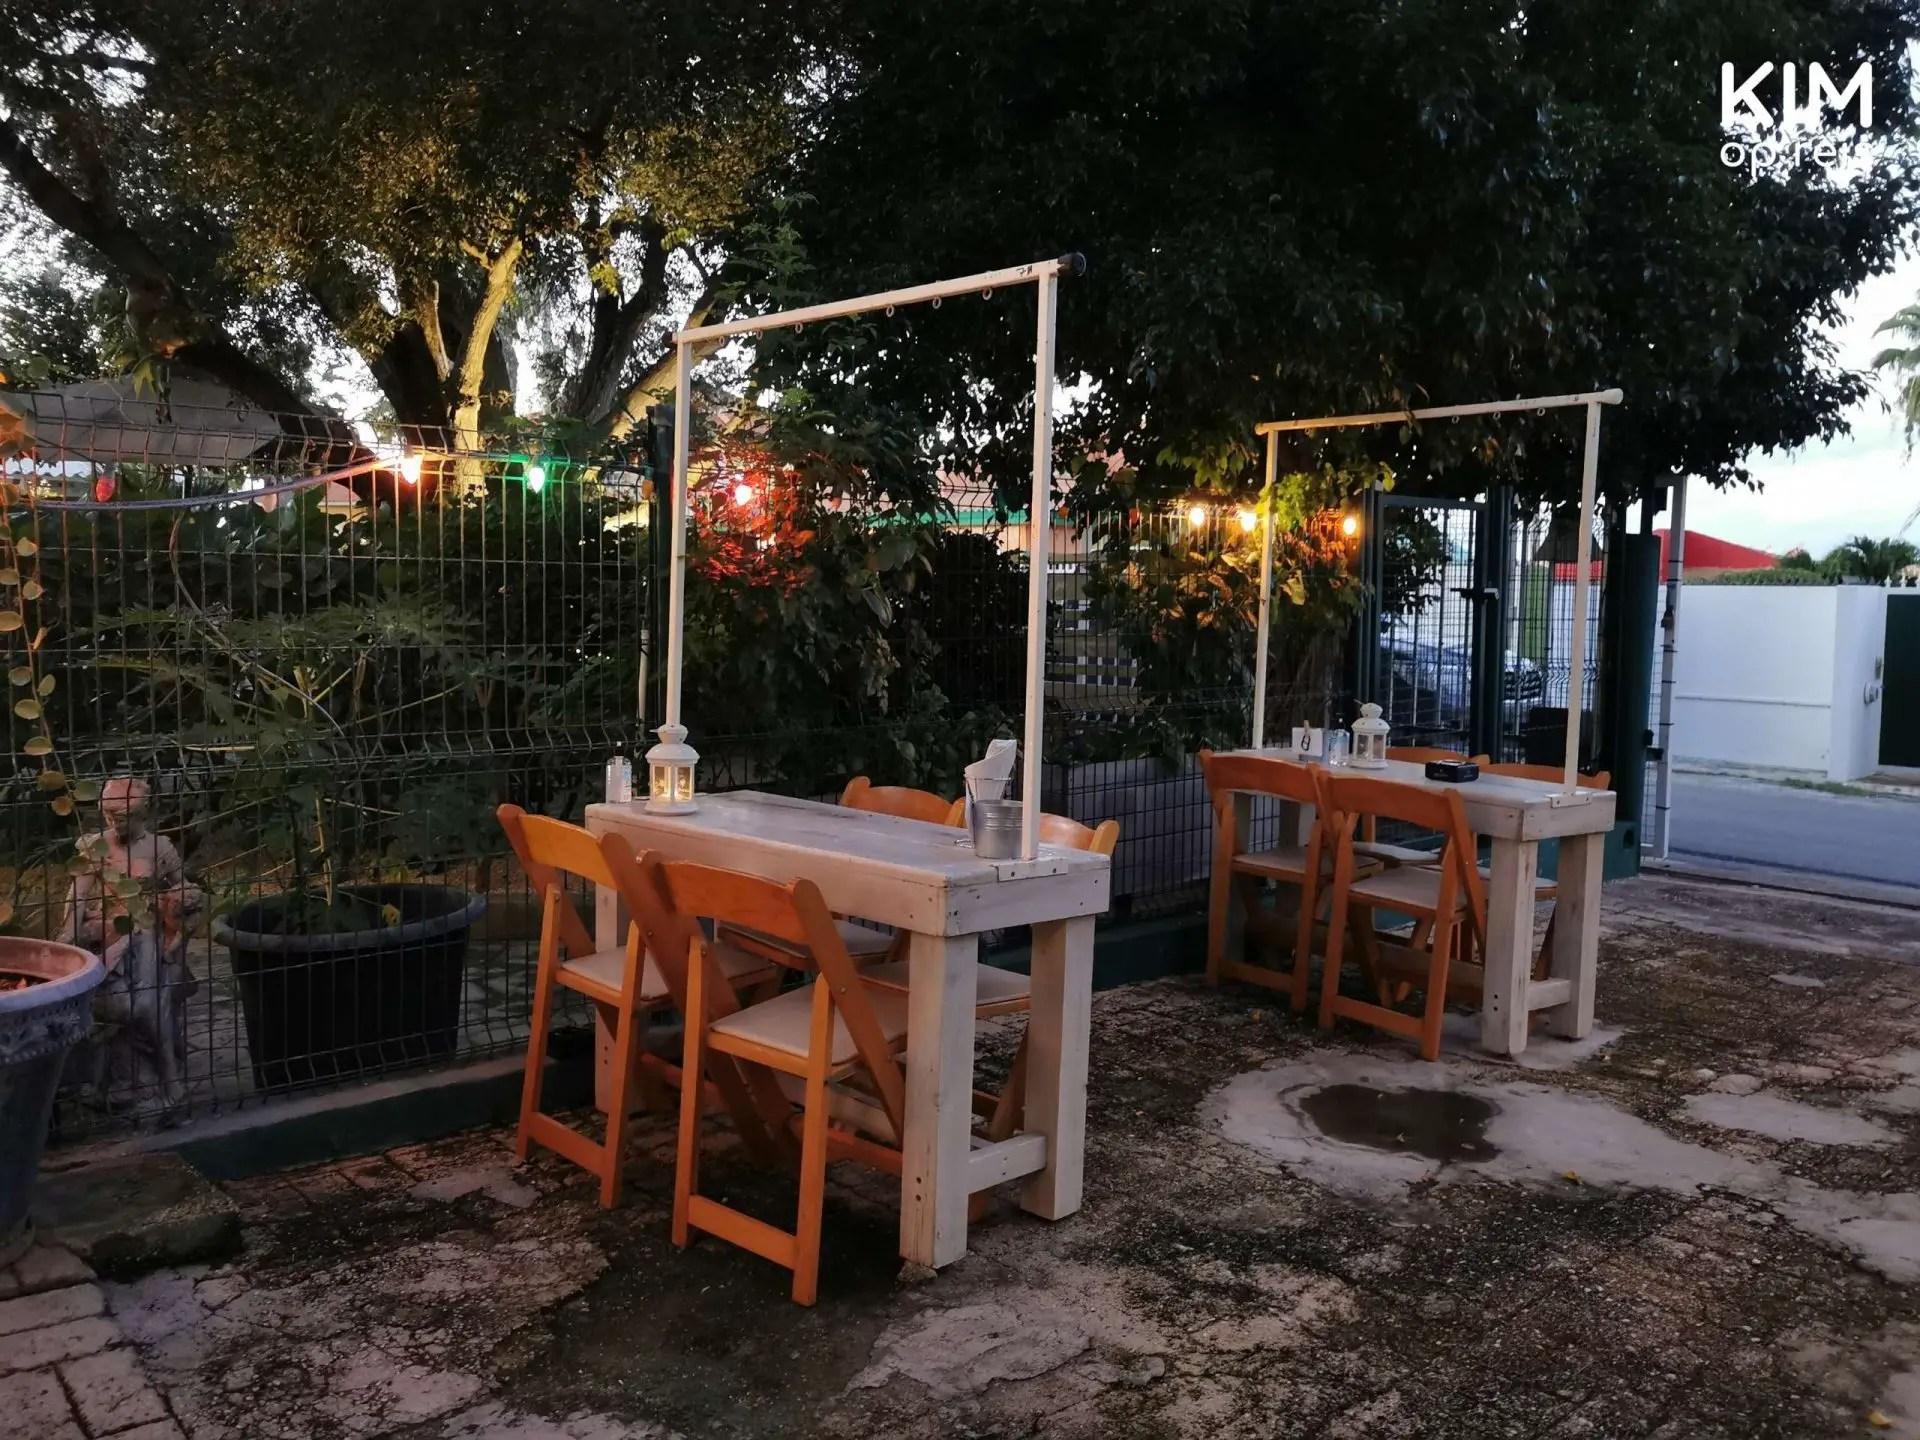 Restaurant Equus Curaçao: twee tafels met daarboven een ijzeren stang om de spiezen aan op te hangen